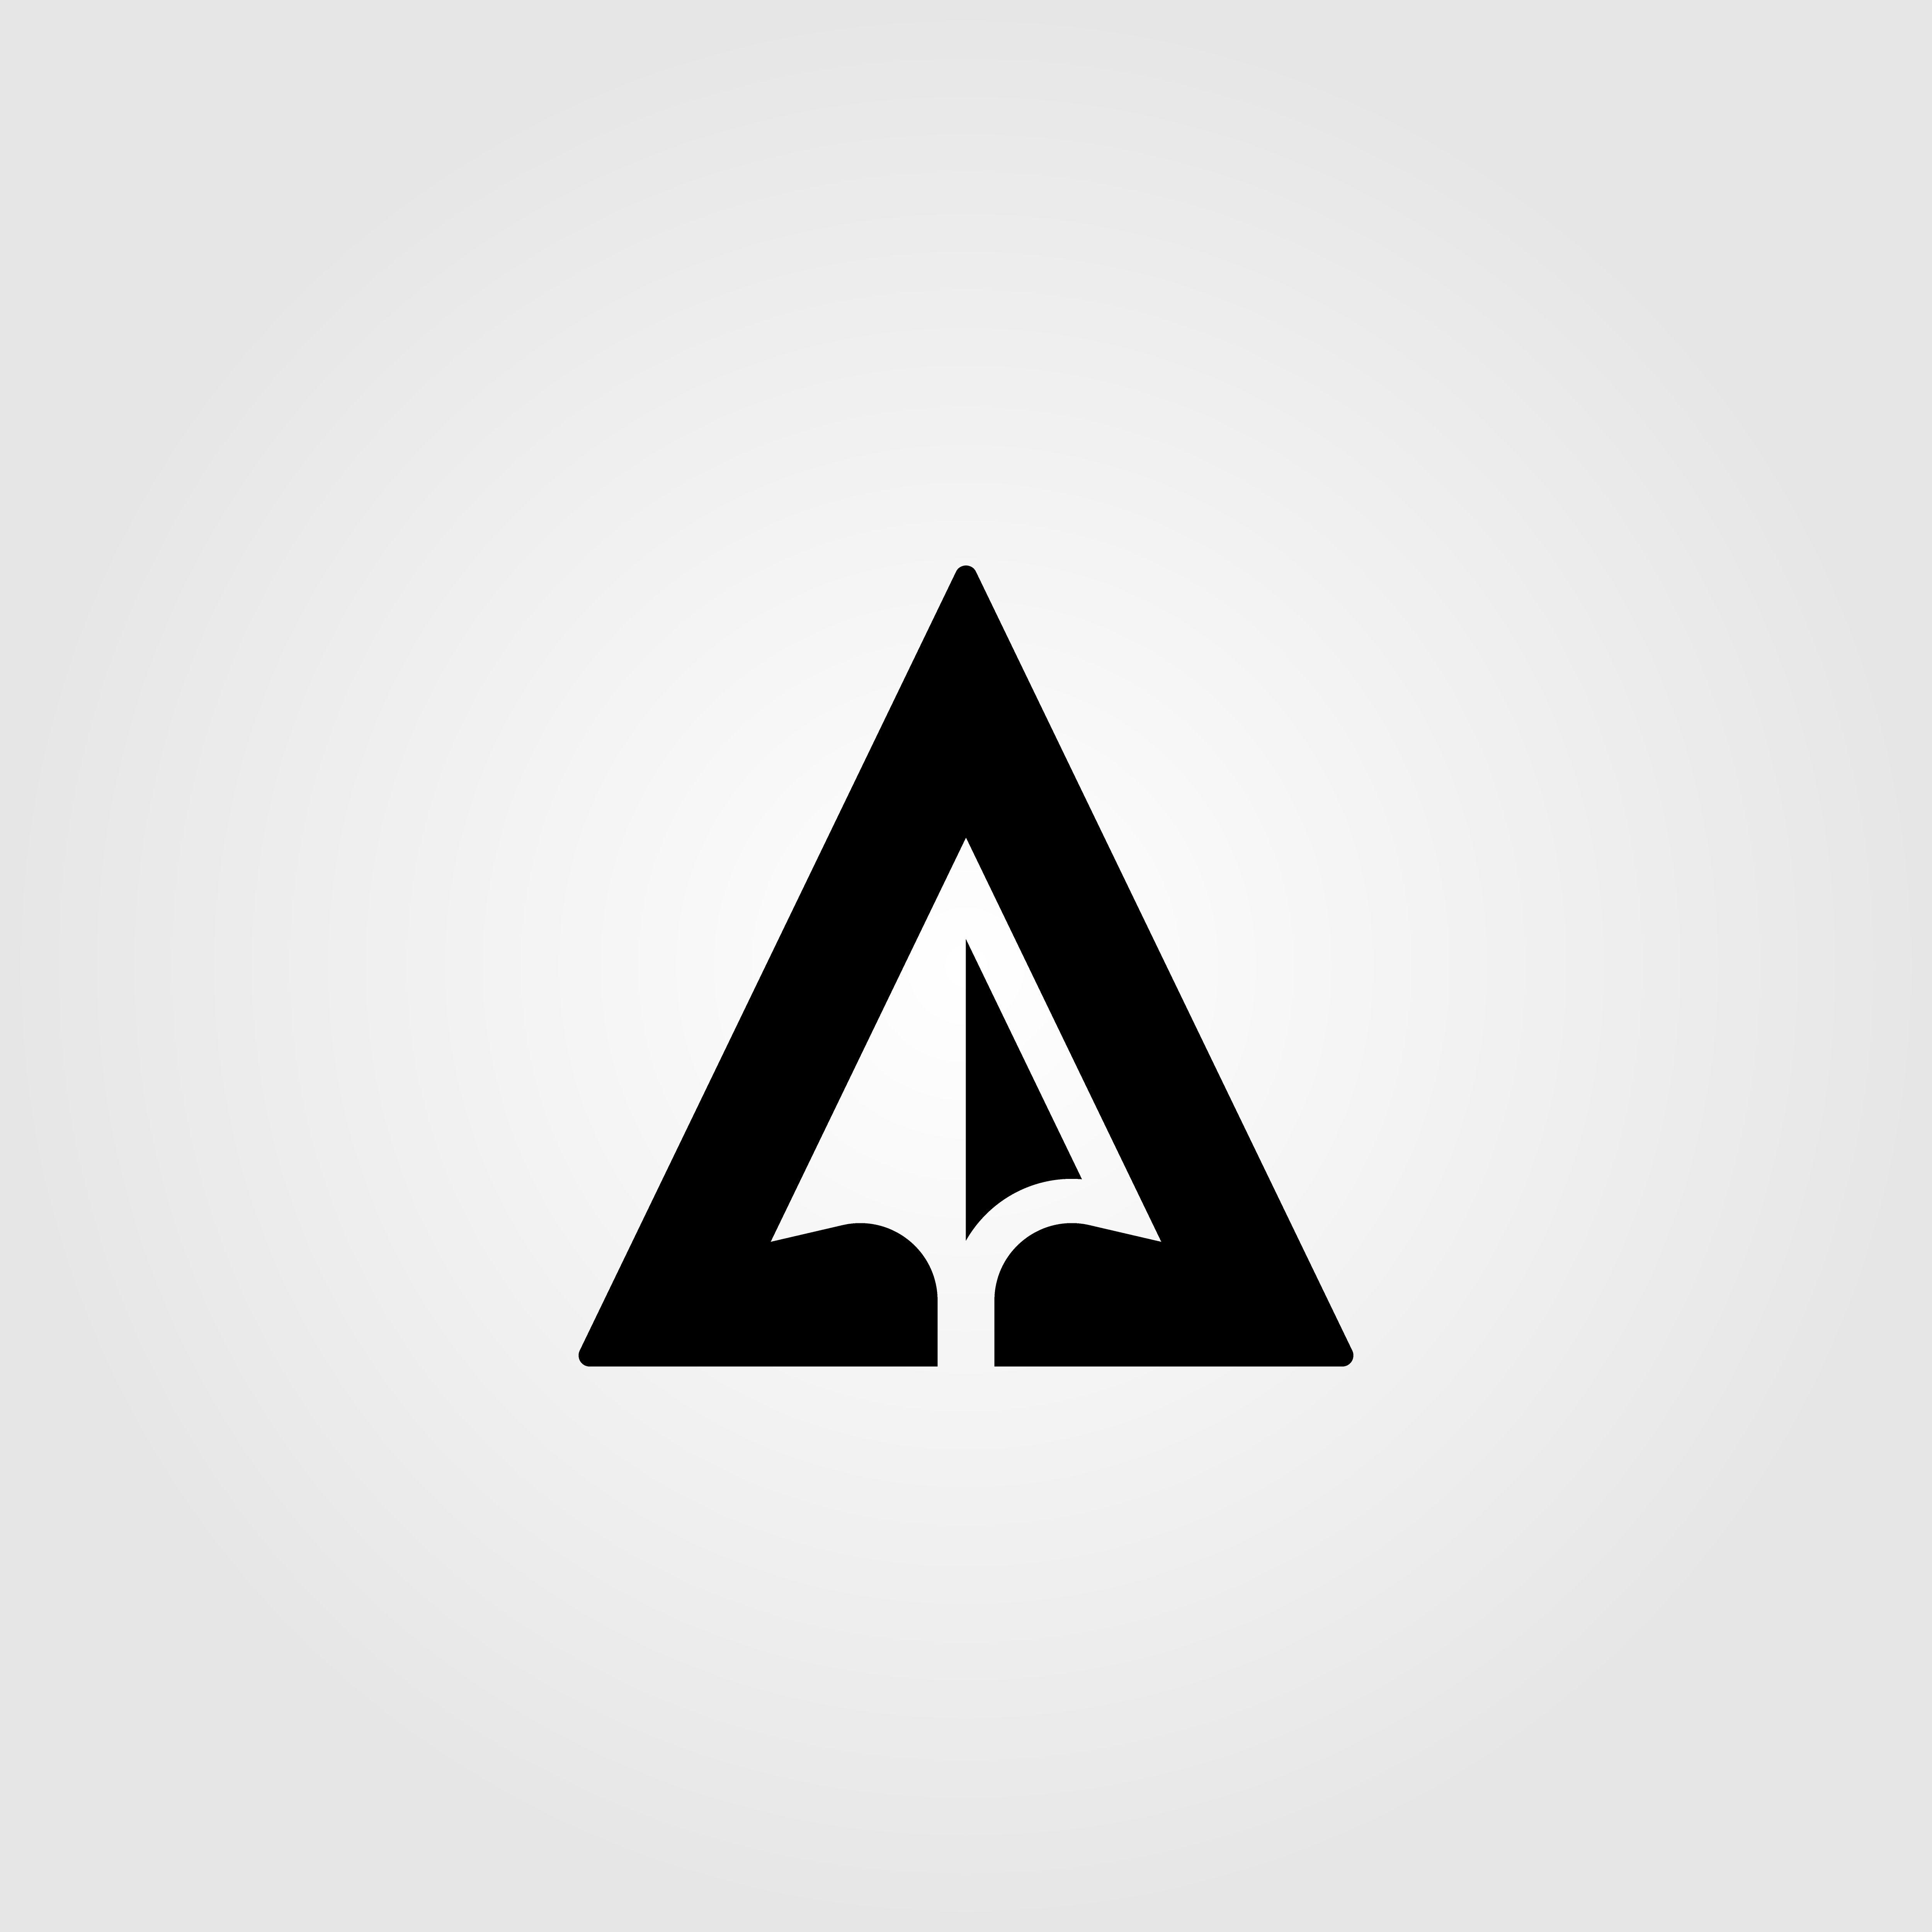 letter, a, arrow, negative, space, logo, design